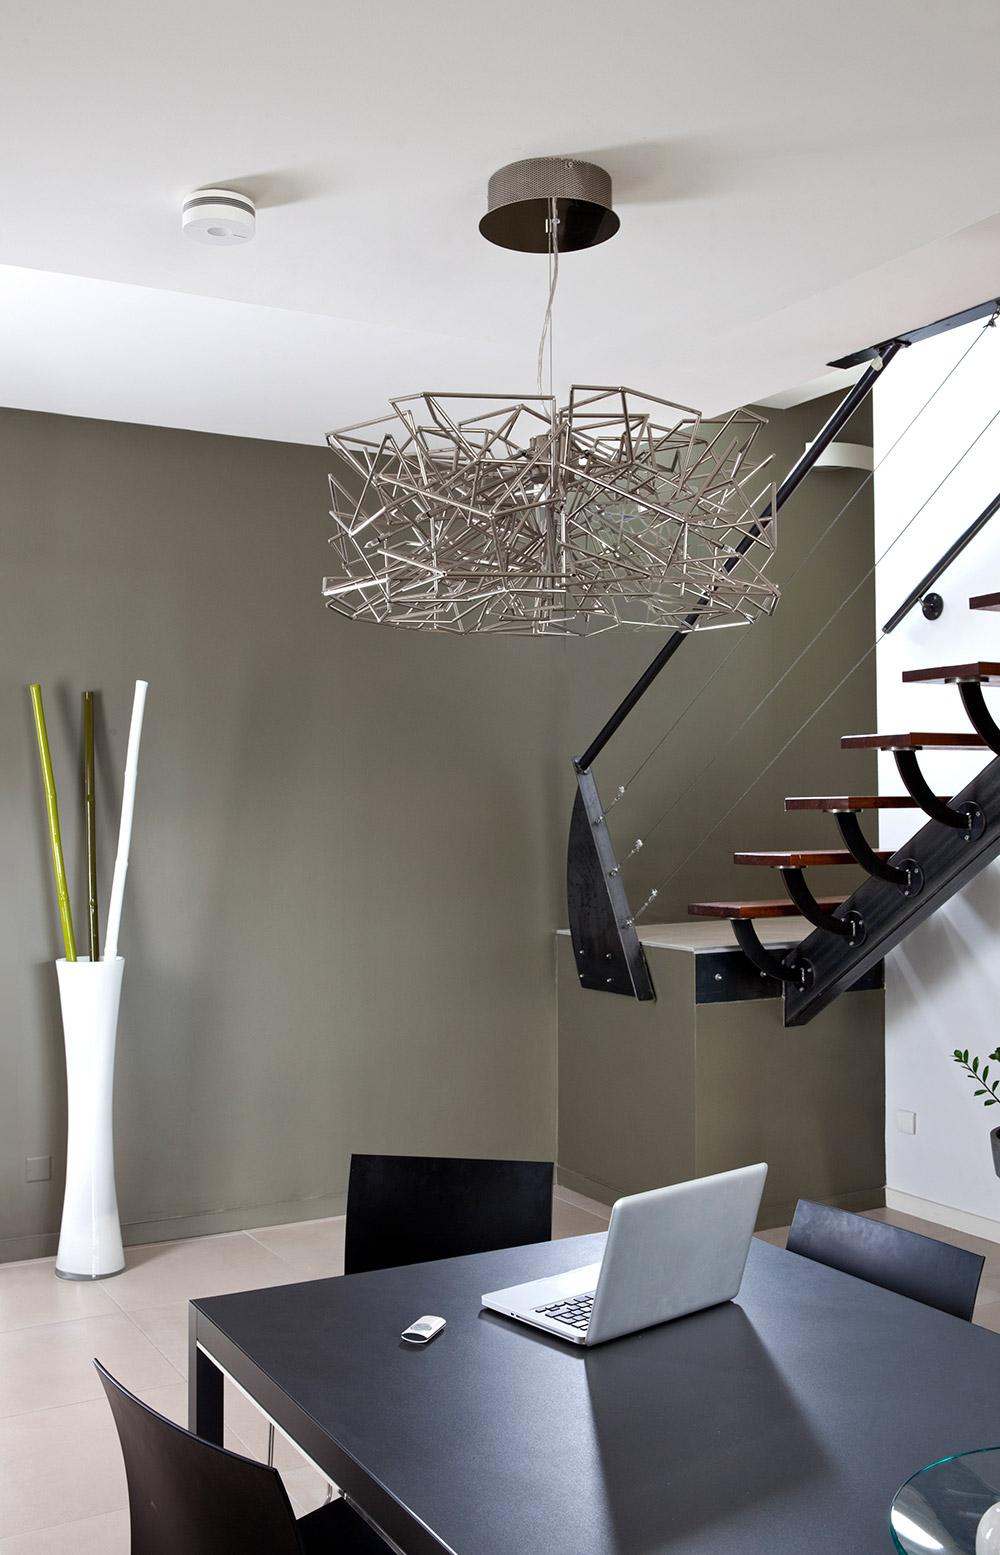 la centrale d alarme. Black Bedroom Furniture Sets. Home Design Ideas